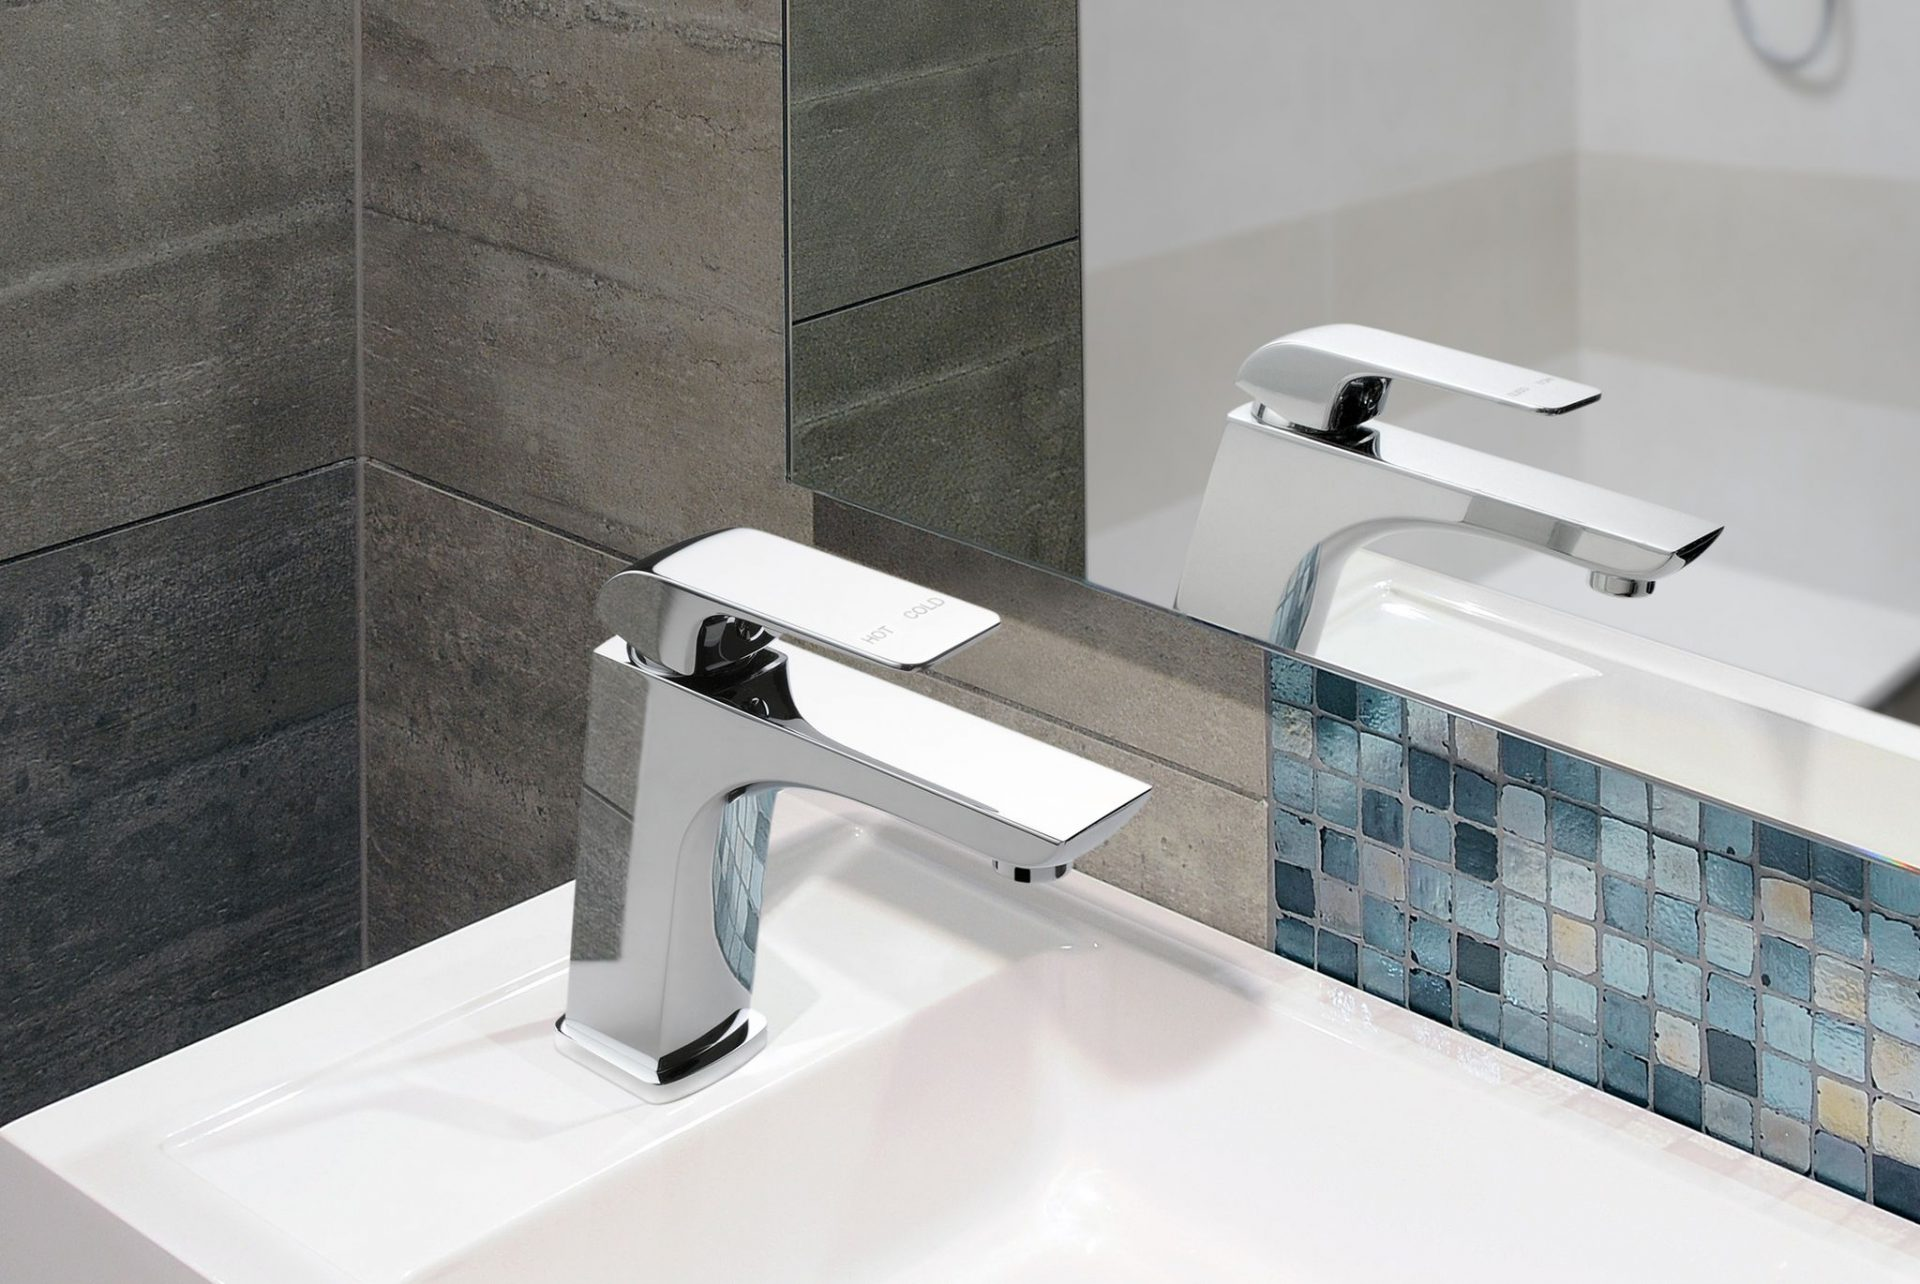 Bathroom Mixers - LINSOL tapware